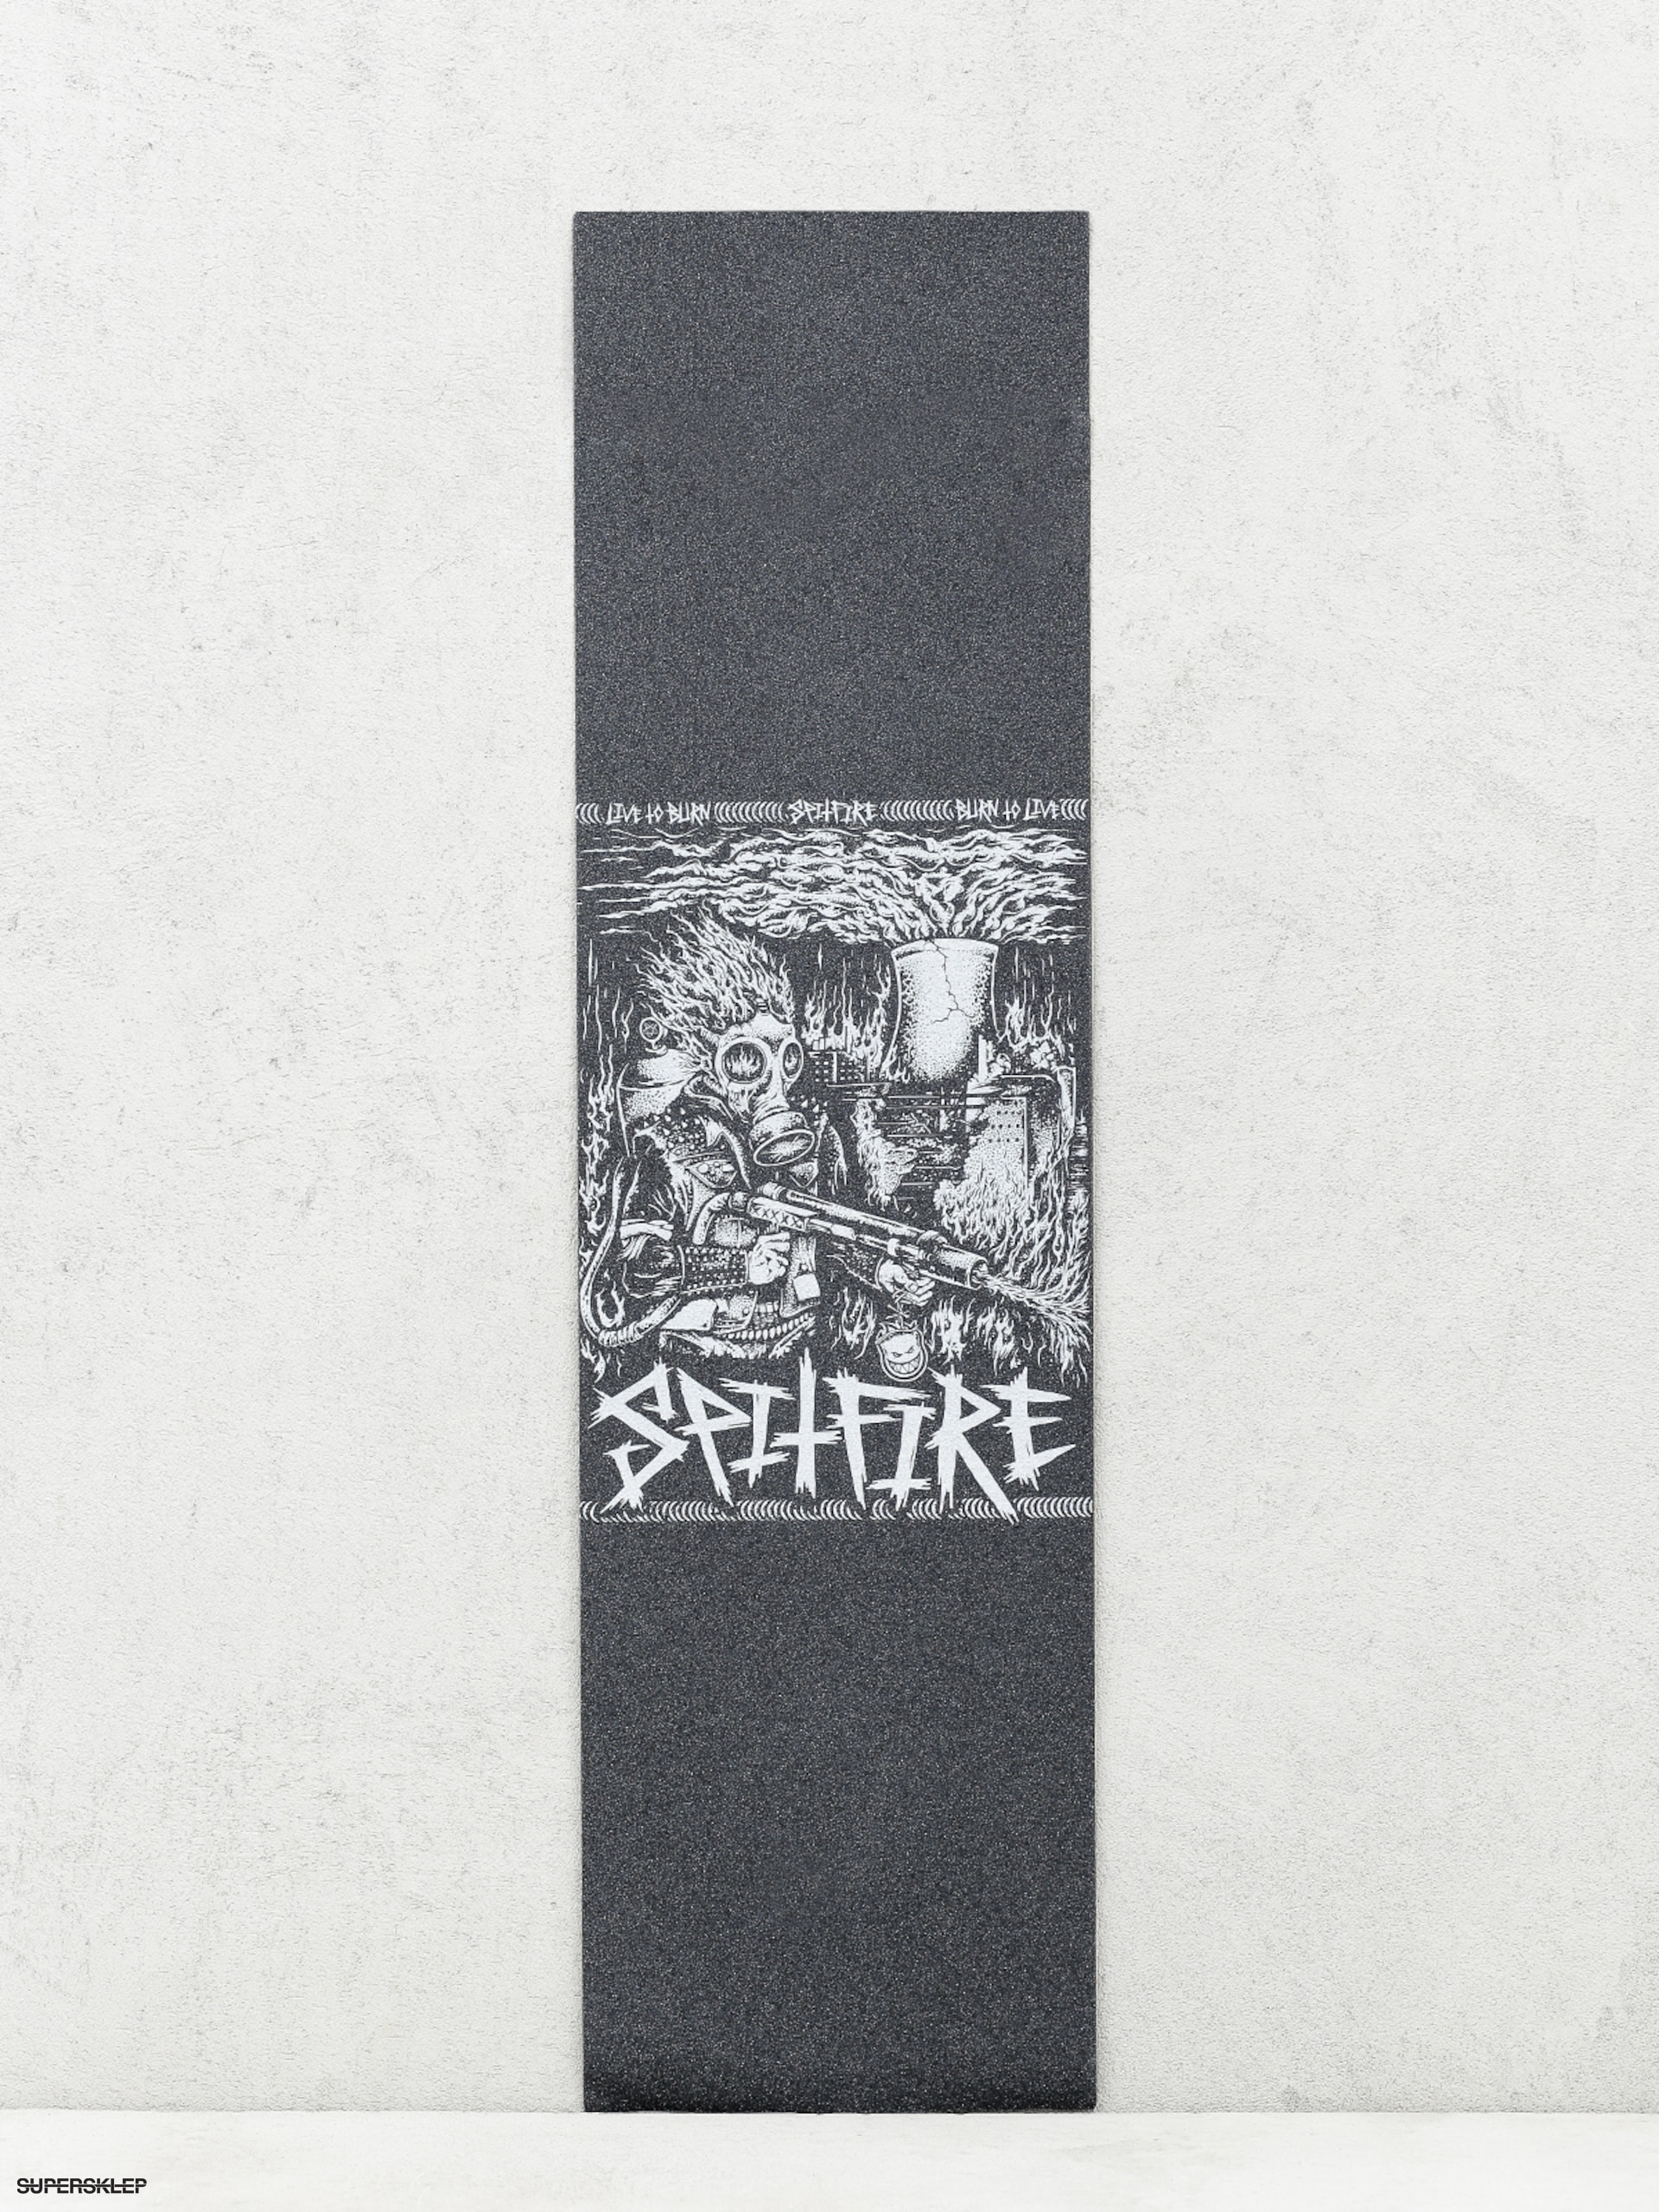 Papier Spitfire Spitcrust